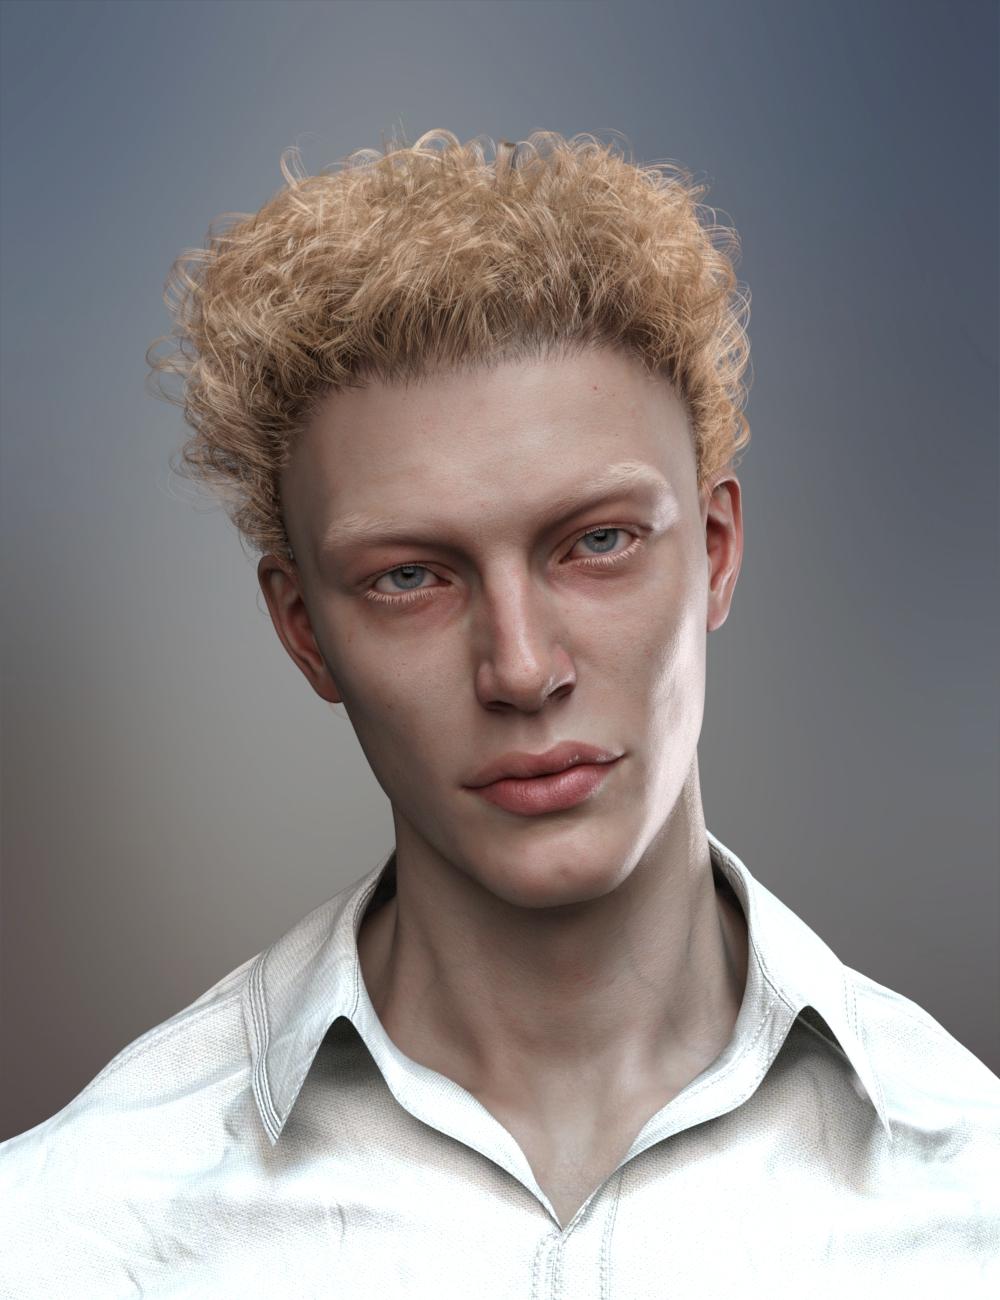 dForce Wayward Curls Hair for Genesis 8 and 8.1 by: RedzStudio, 3D Models by Daz 3D